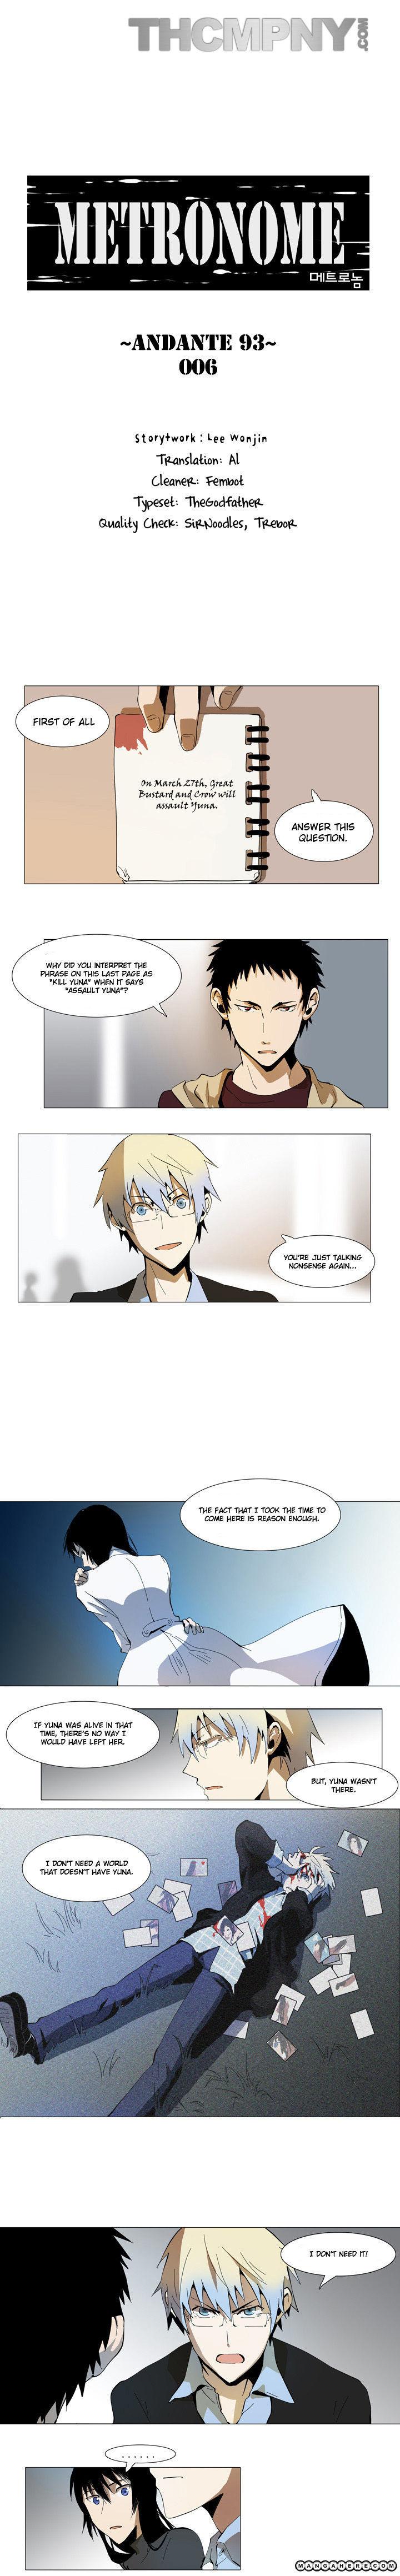 Metronome 13 Page 1